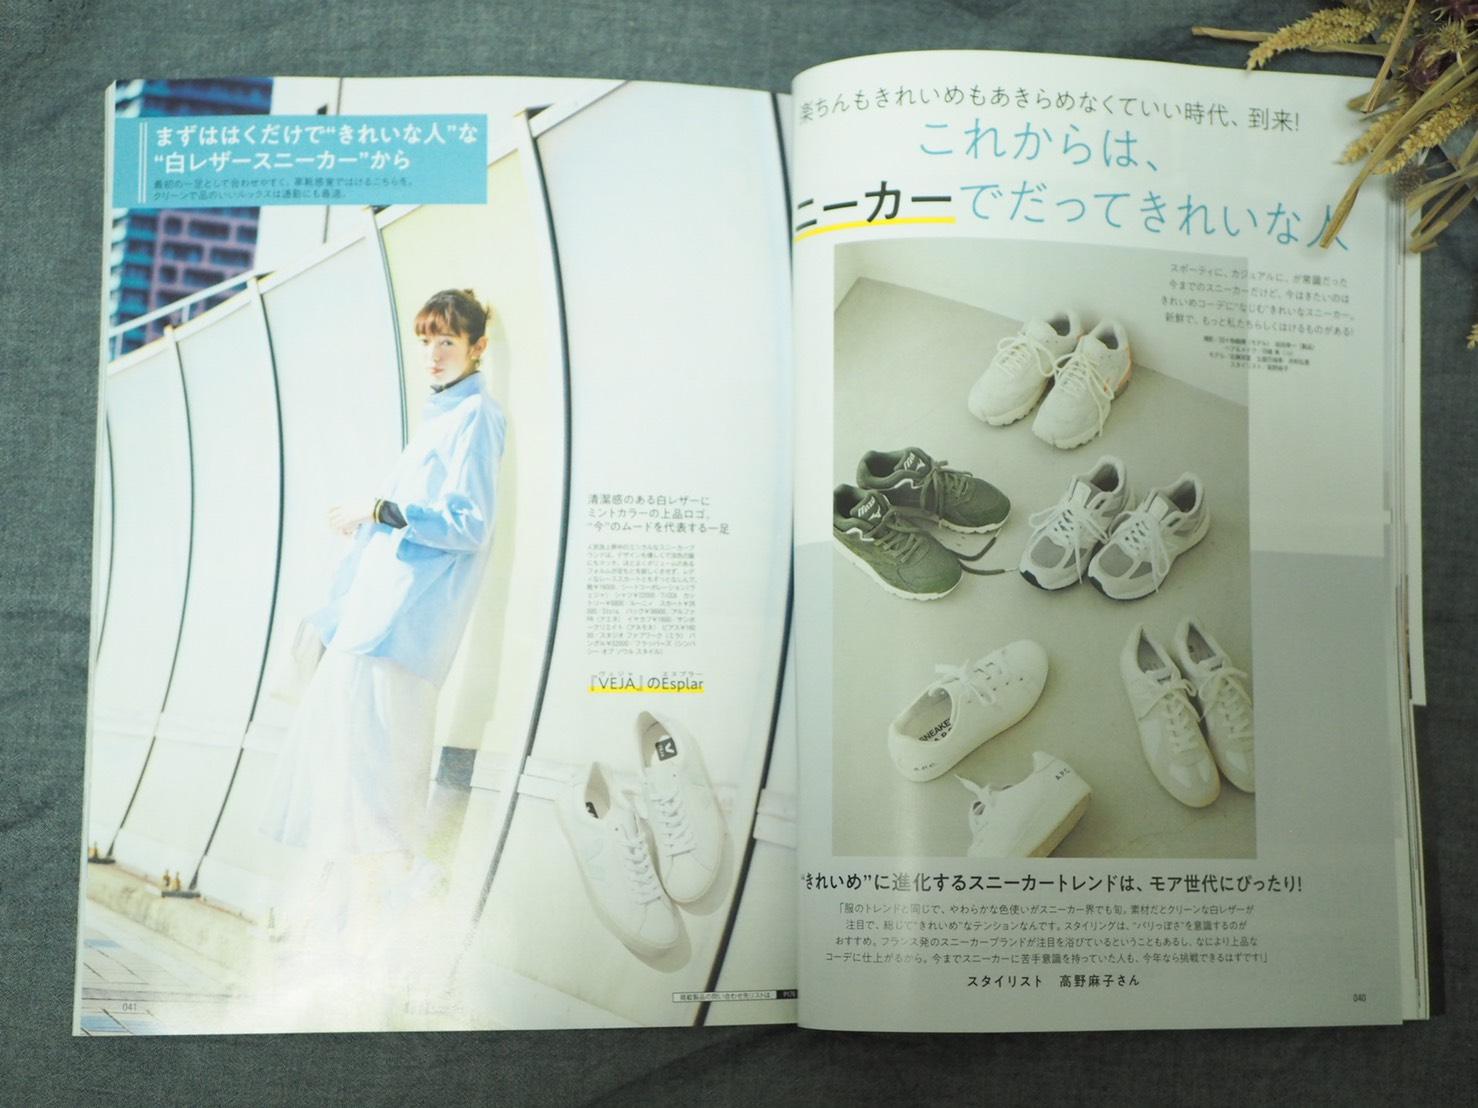 【最新号】MOREロスにならぬようGETすべし❁本日発売の6・7月合併号!_4